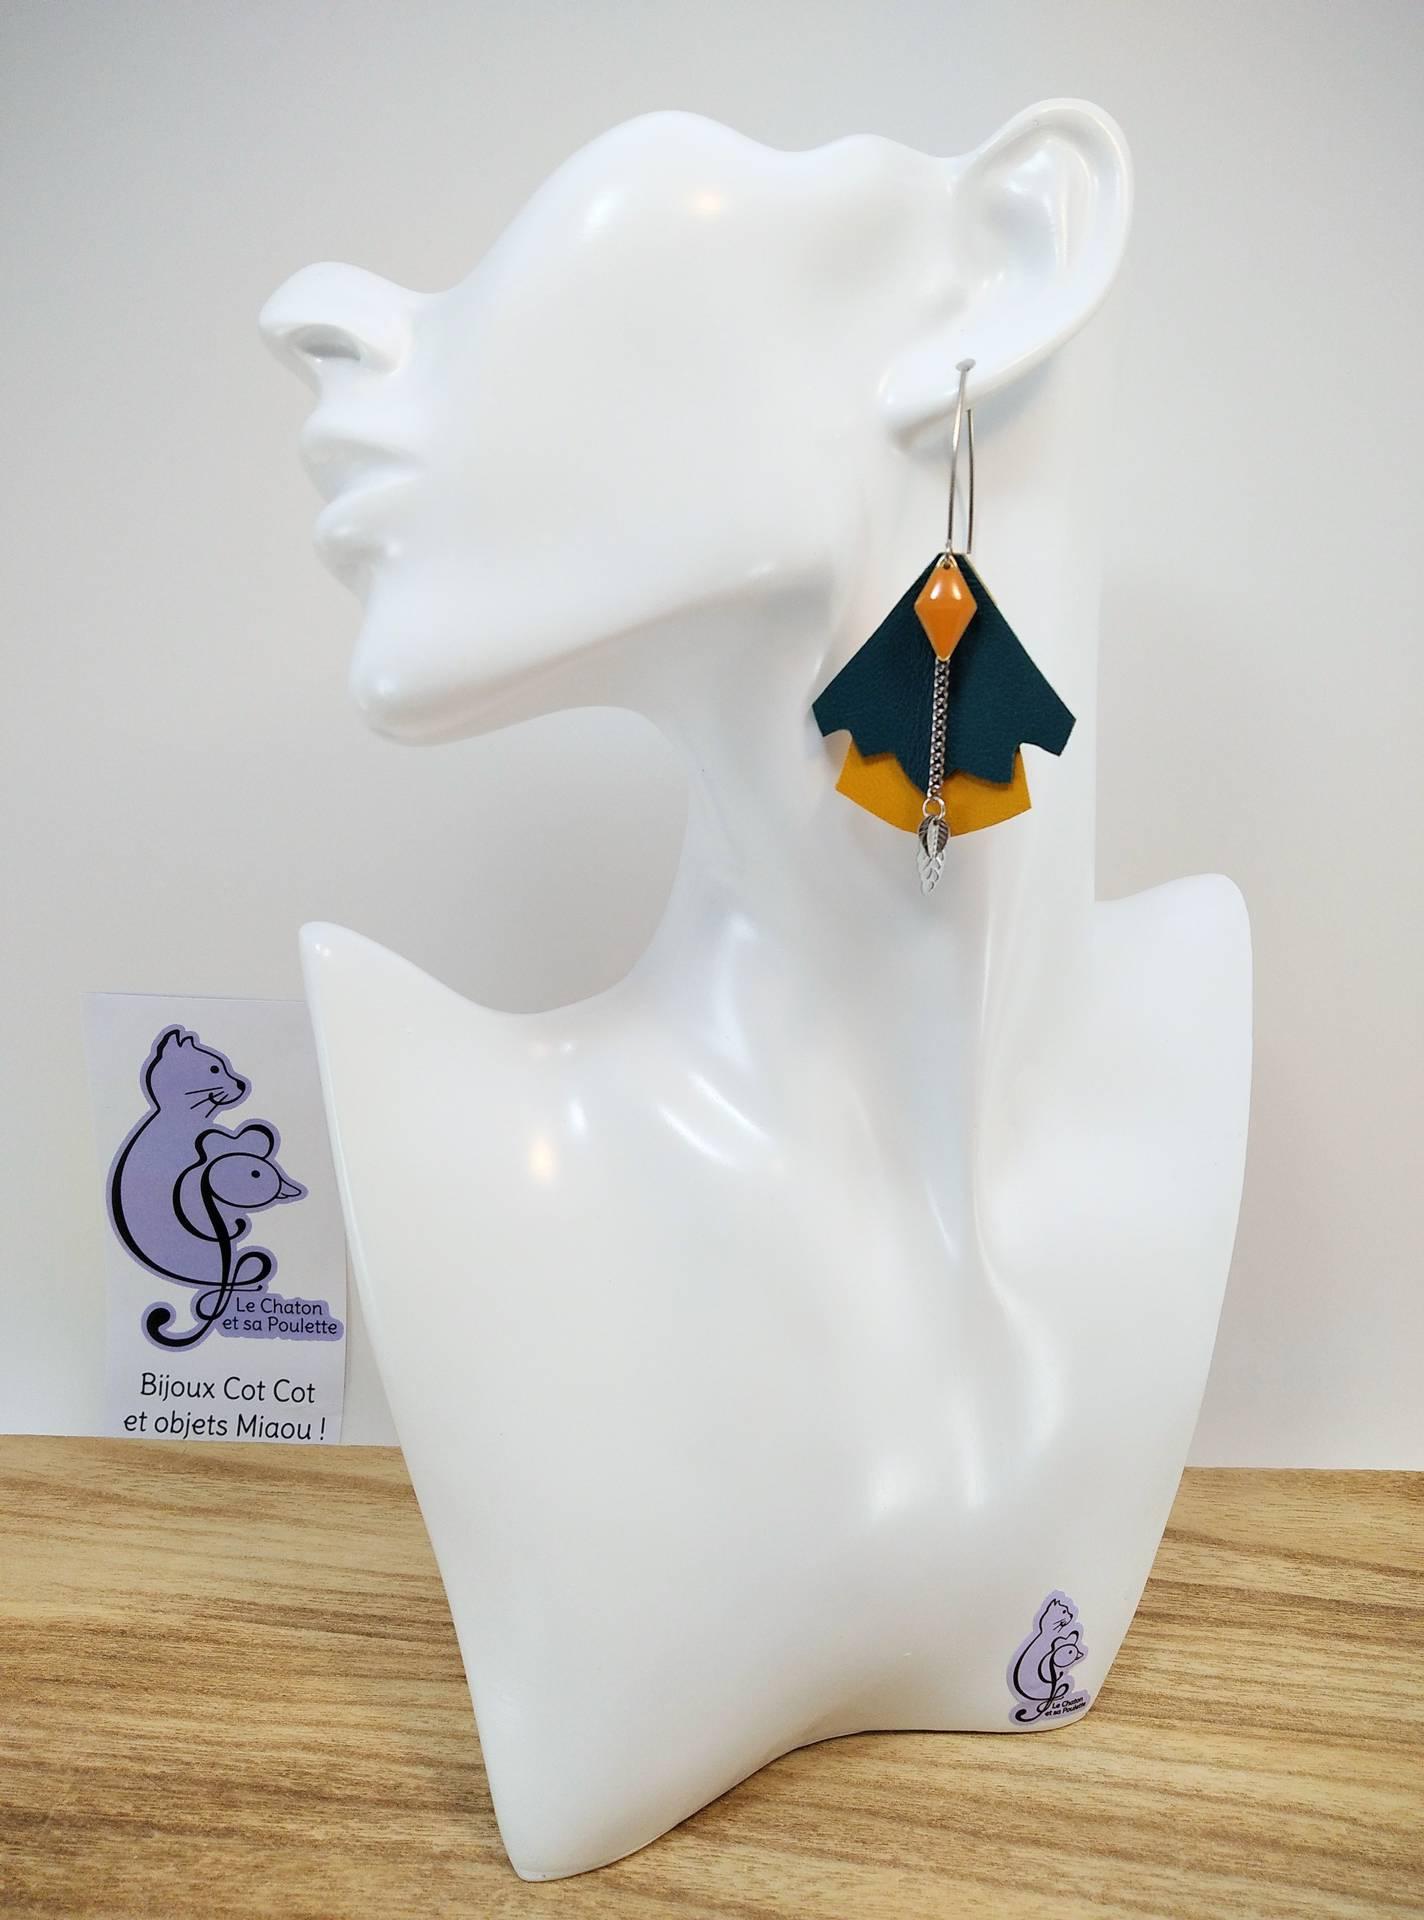 BO FORMIDABLE modèle n°5 Cuirs vert émeraude et ocre, breloque diamant moutarde